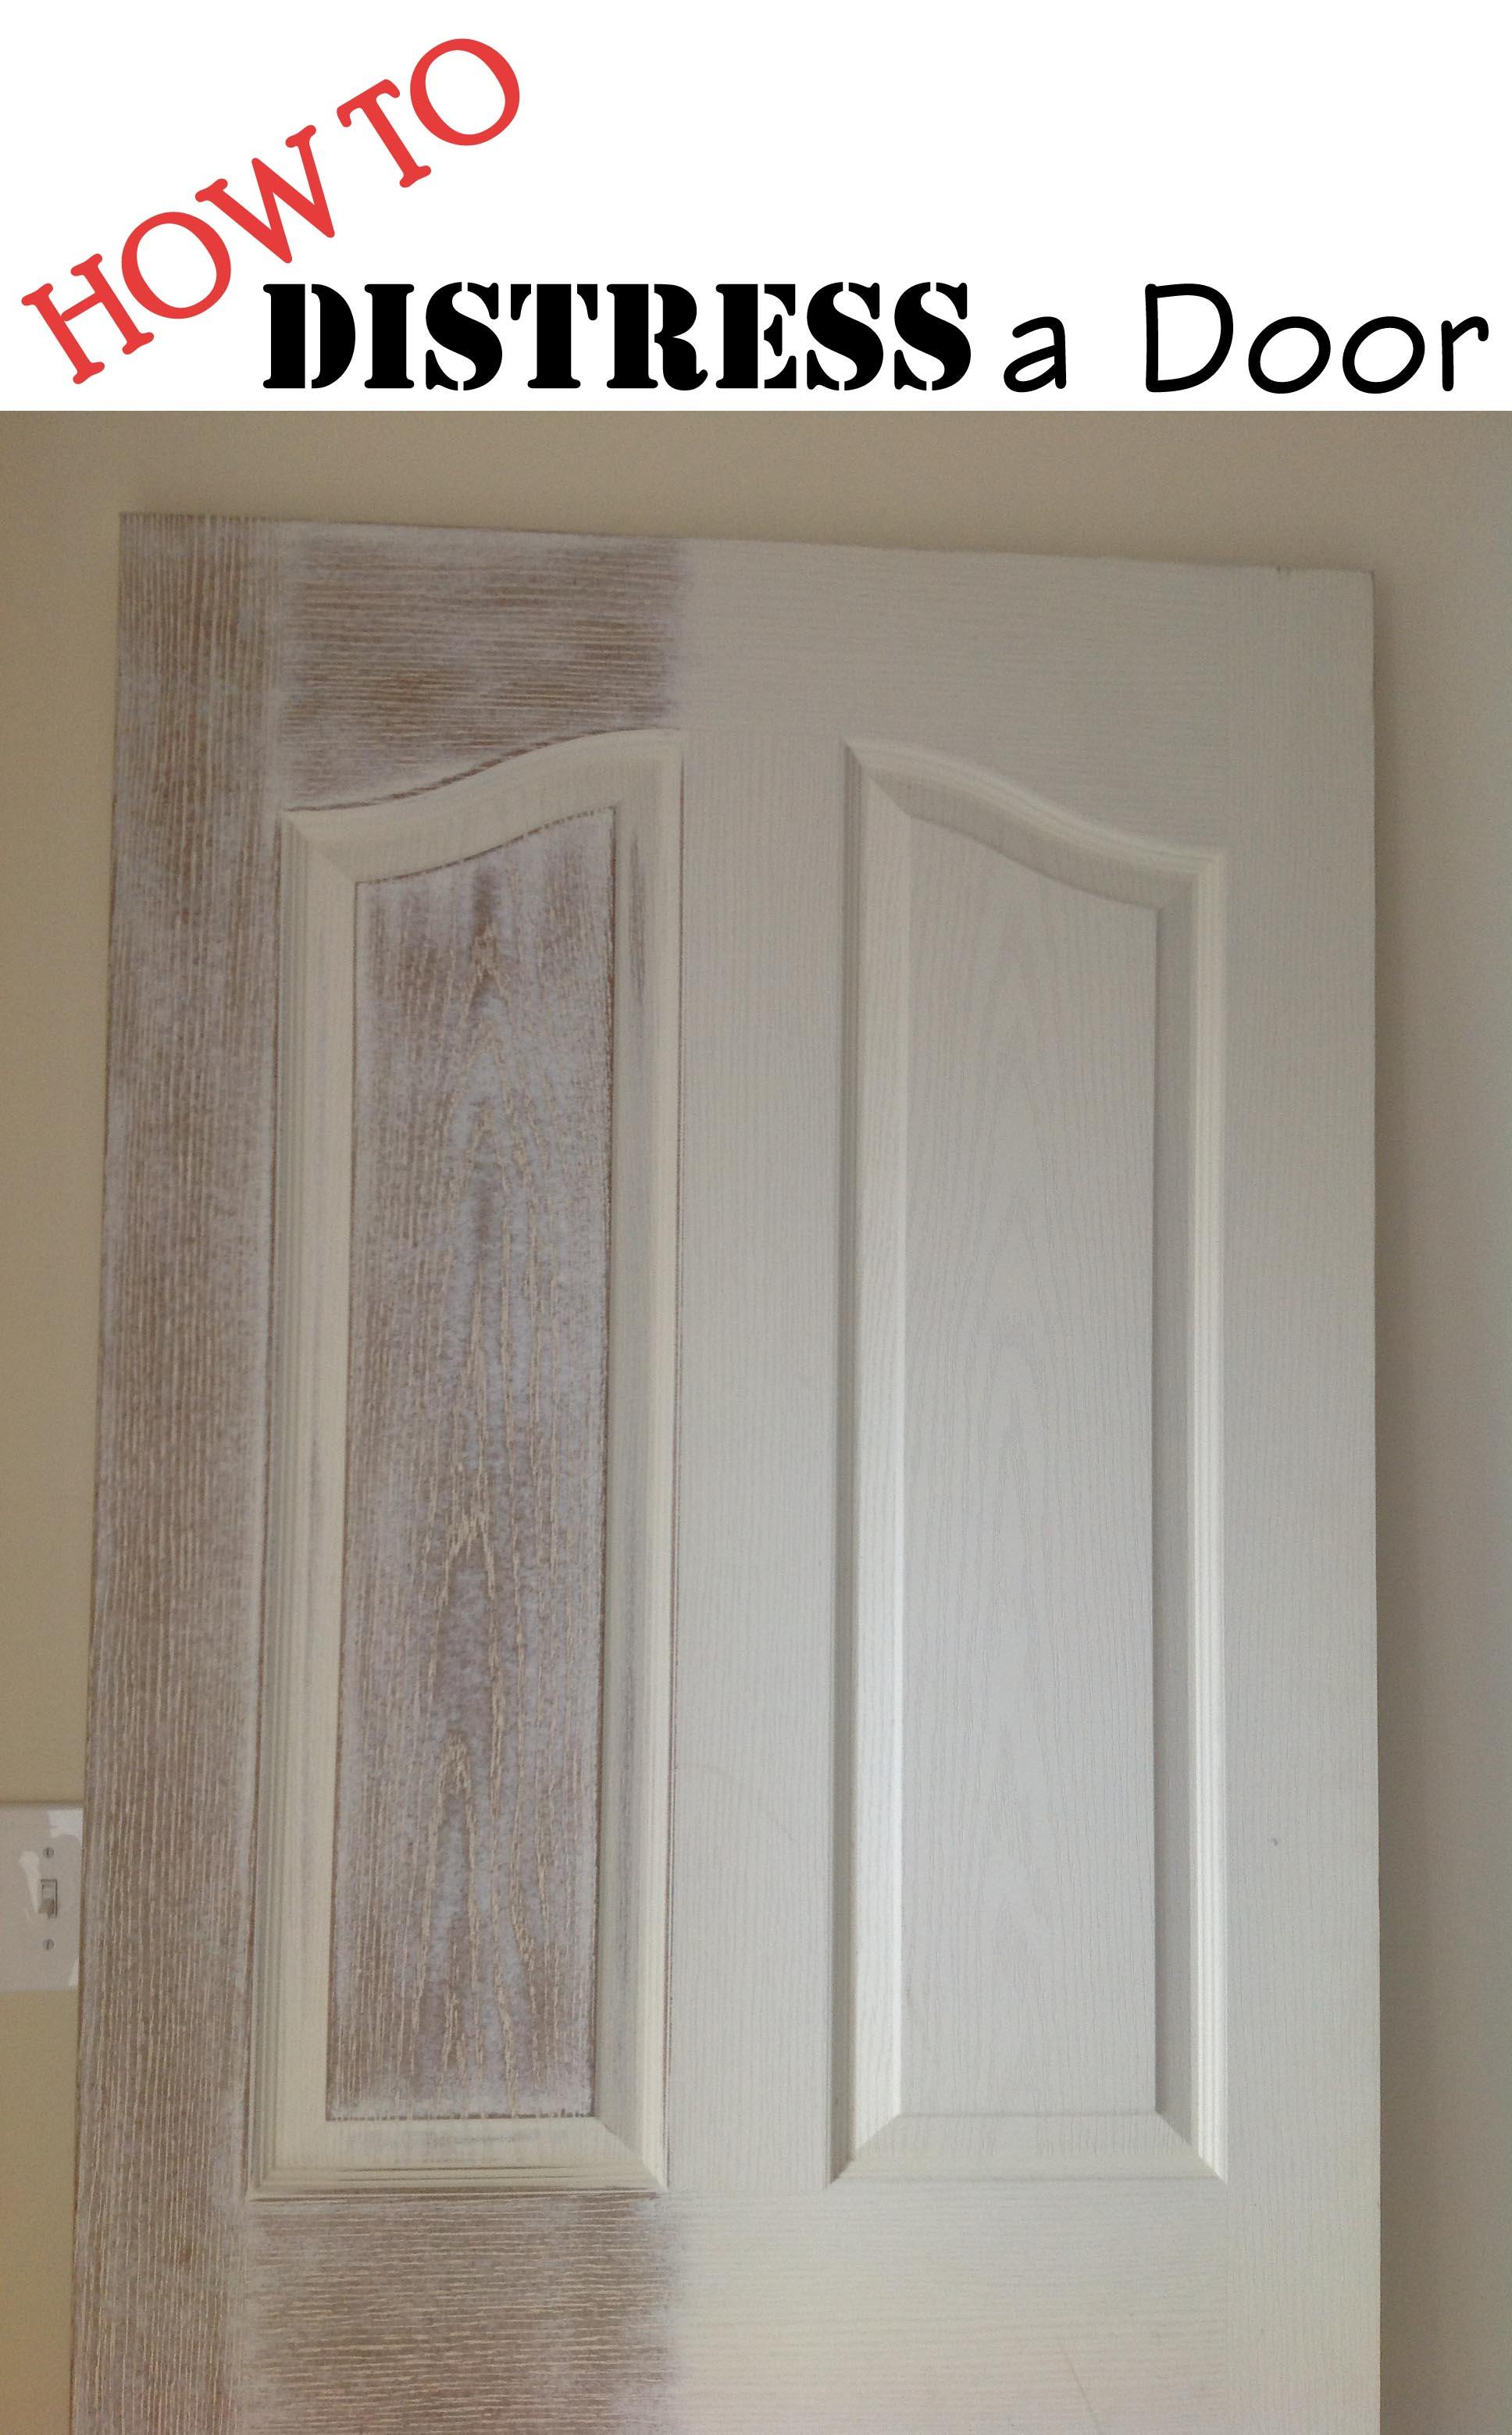 How to Distress a Door